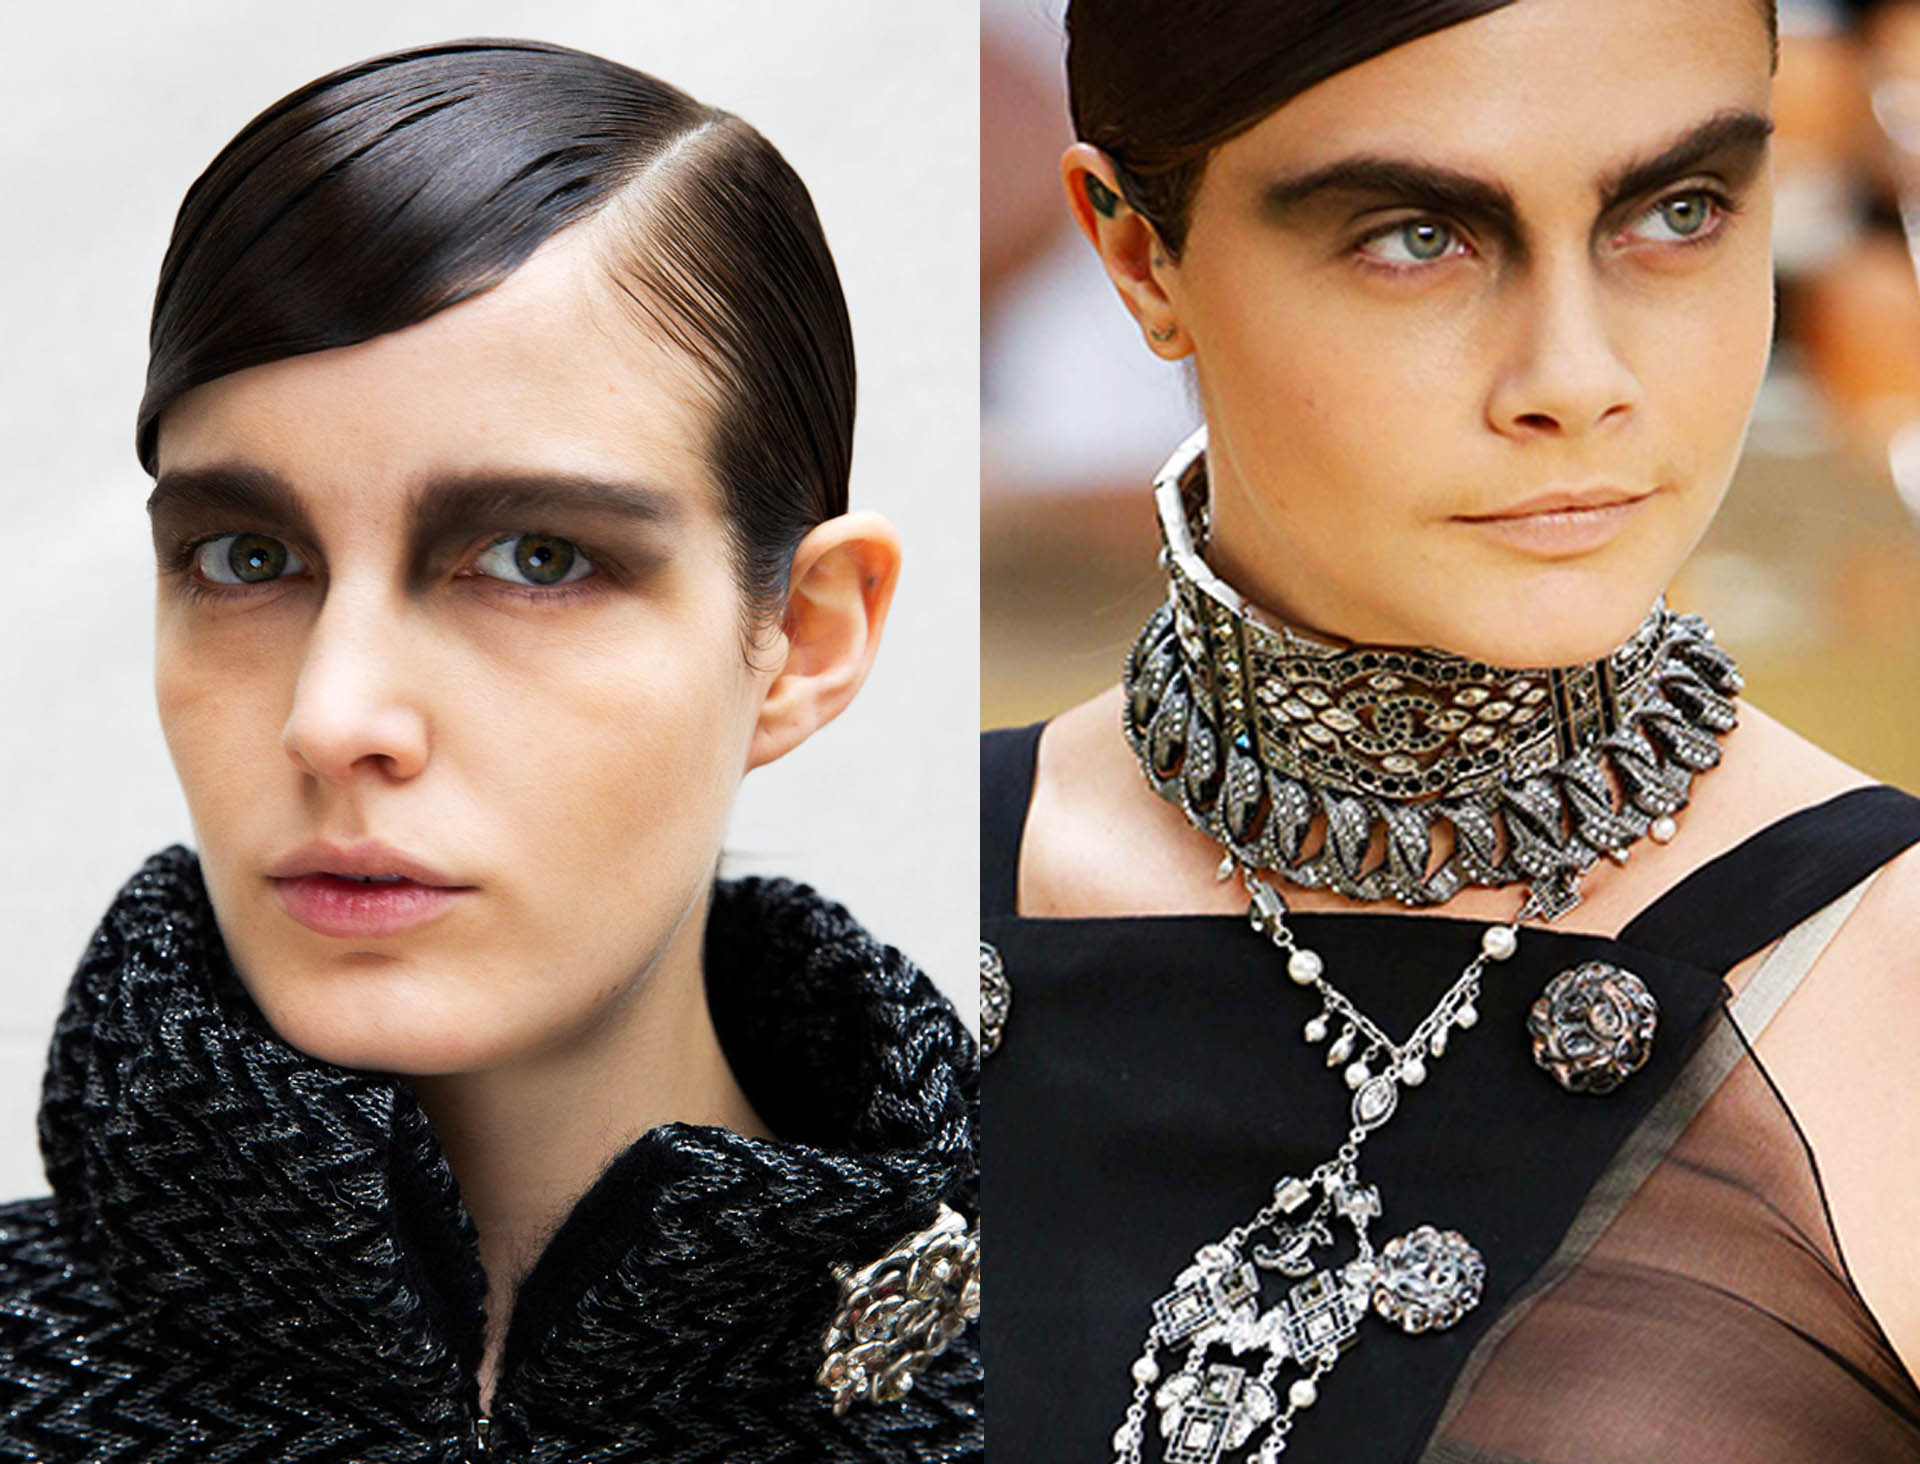 макияж модный 2016 фото